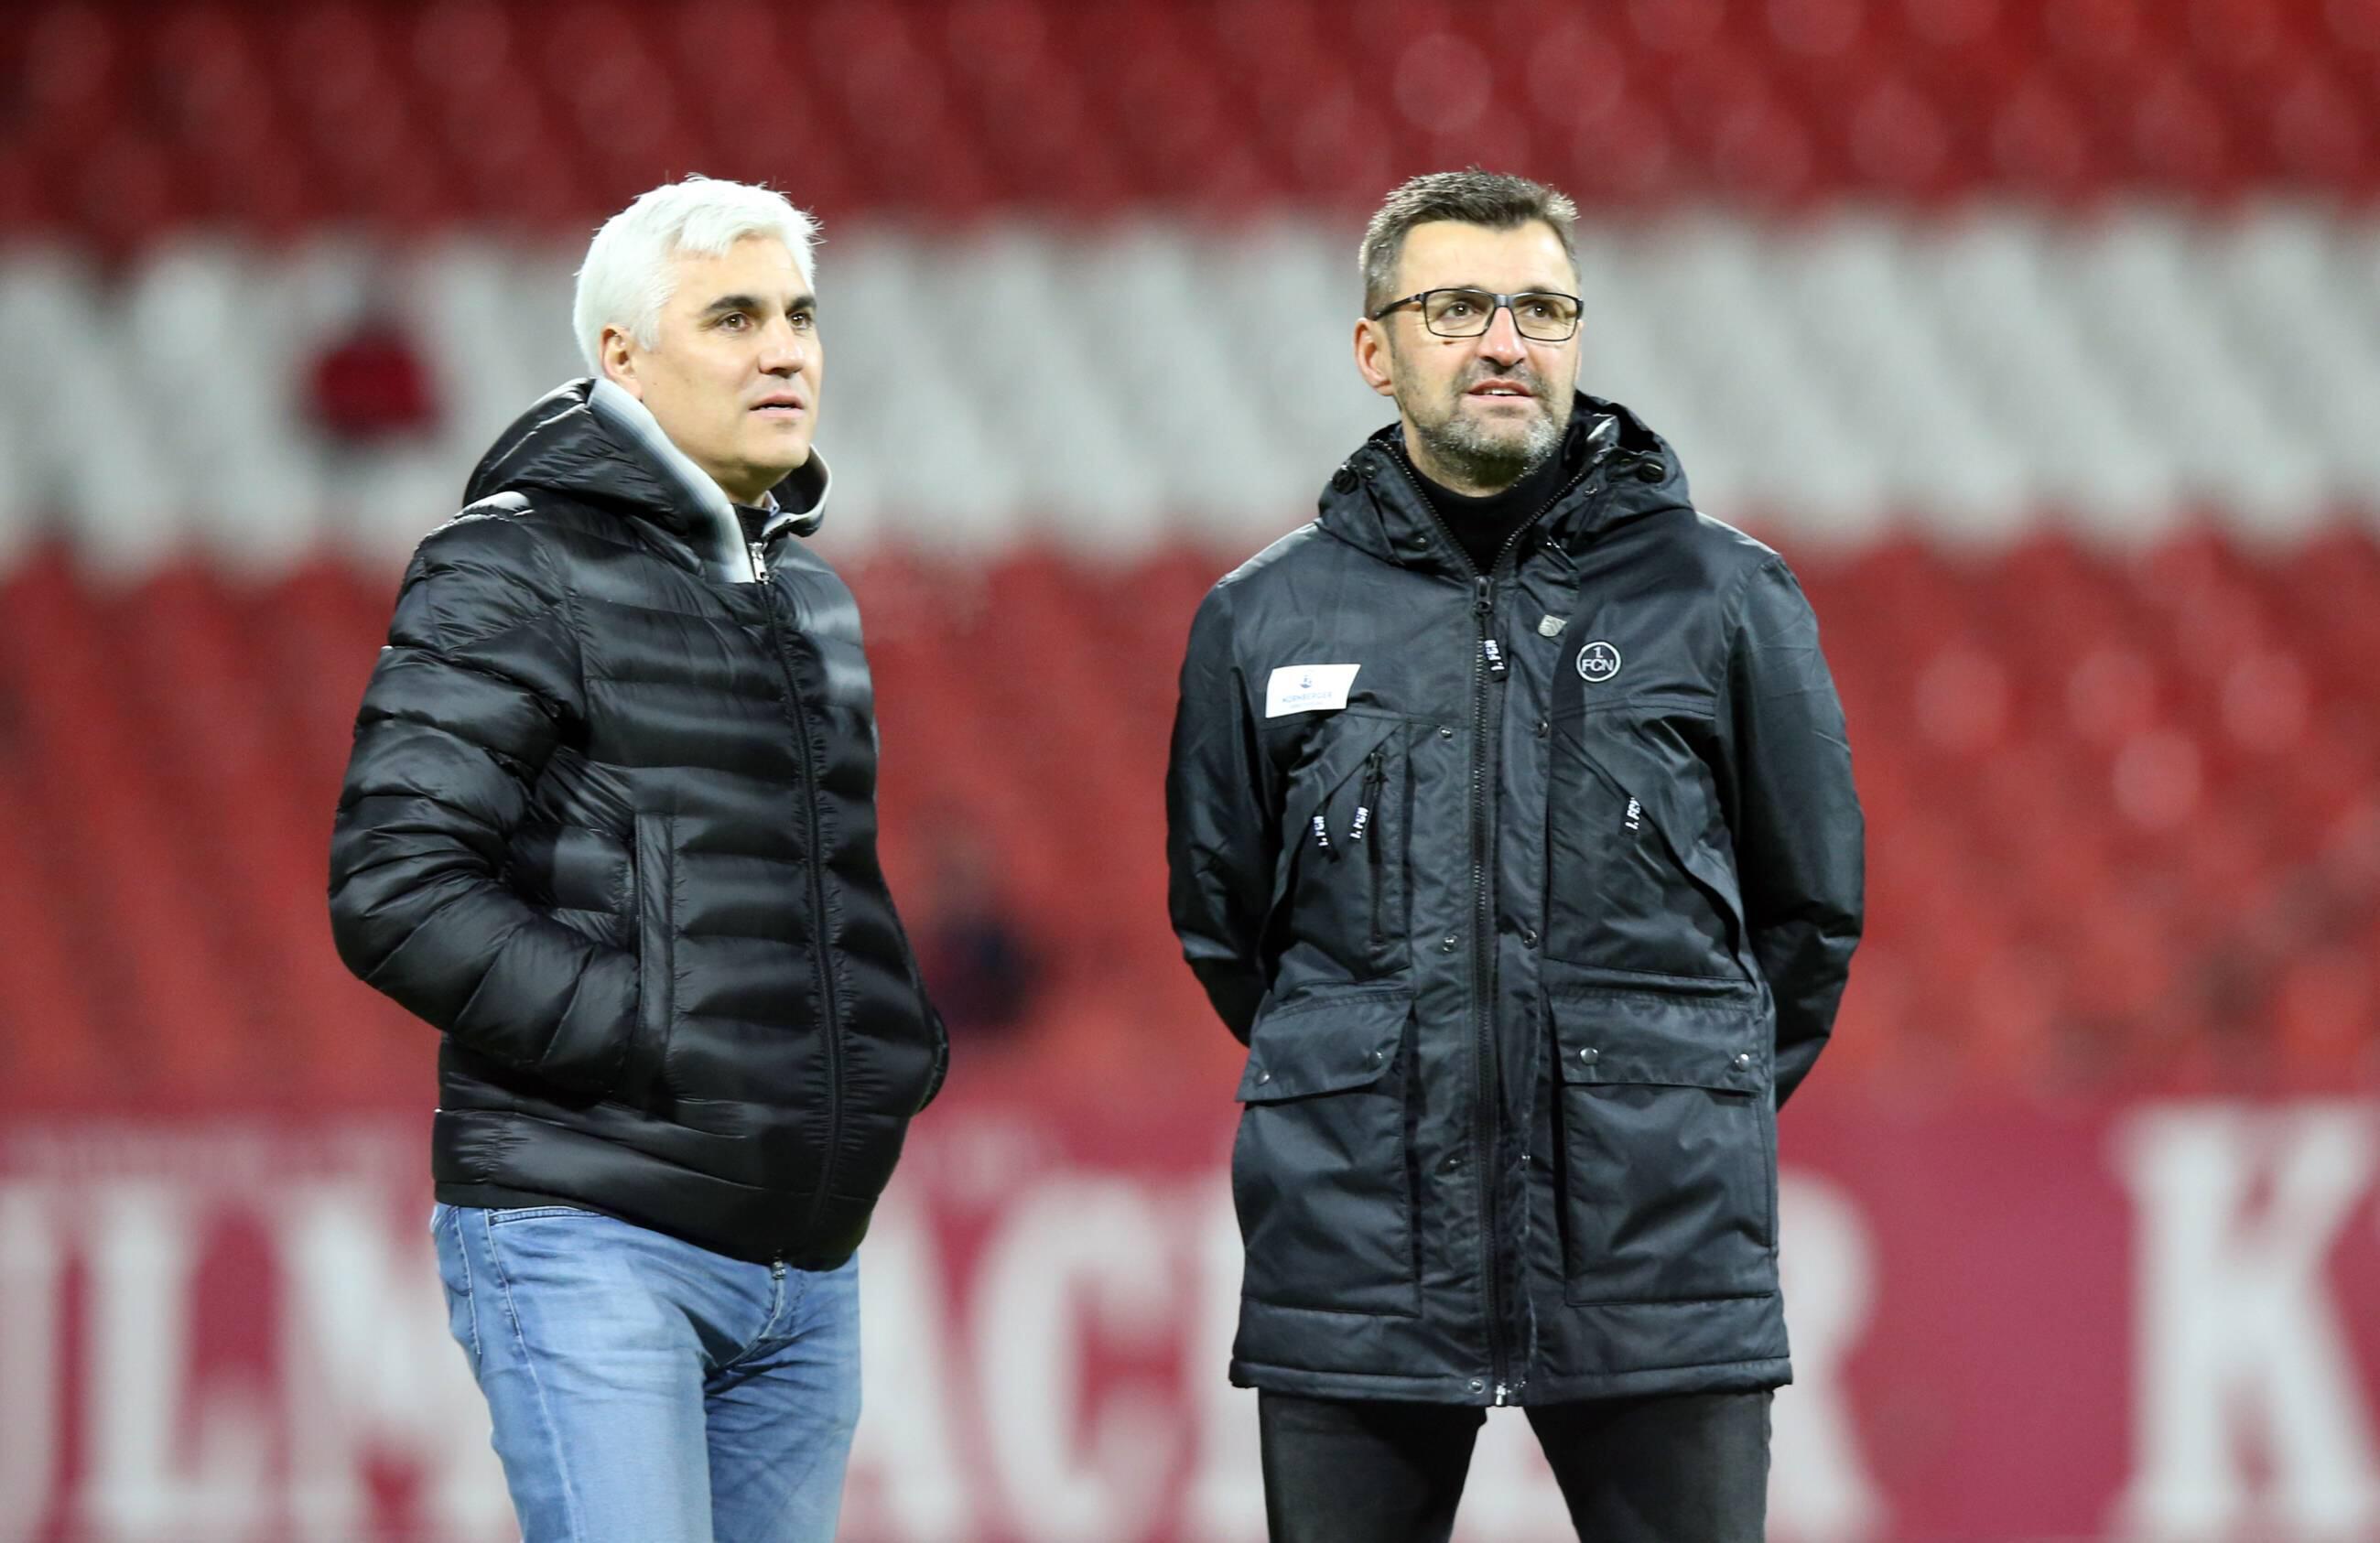 Bild zu Bundesliga, Nürnberg, Köllner, Bornemann